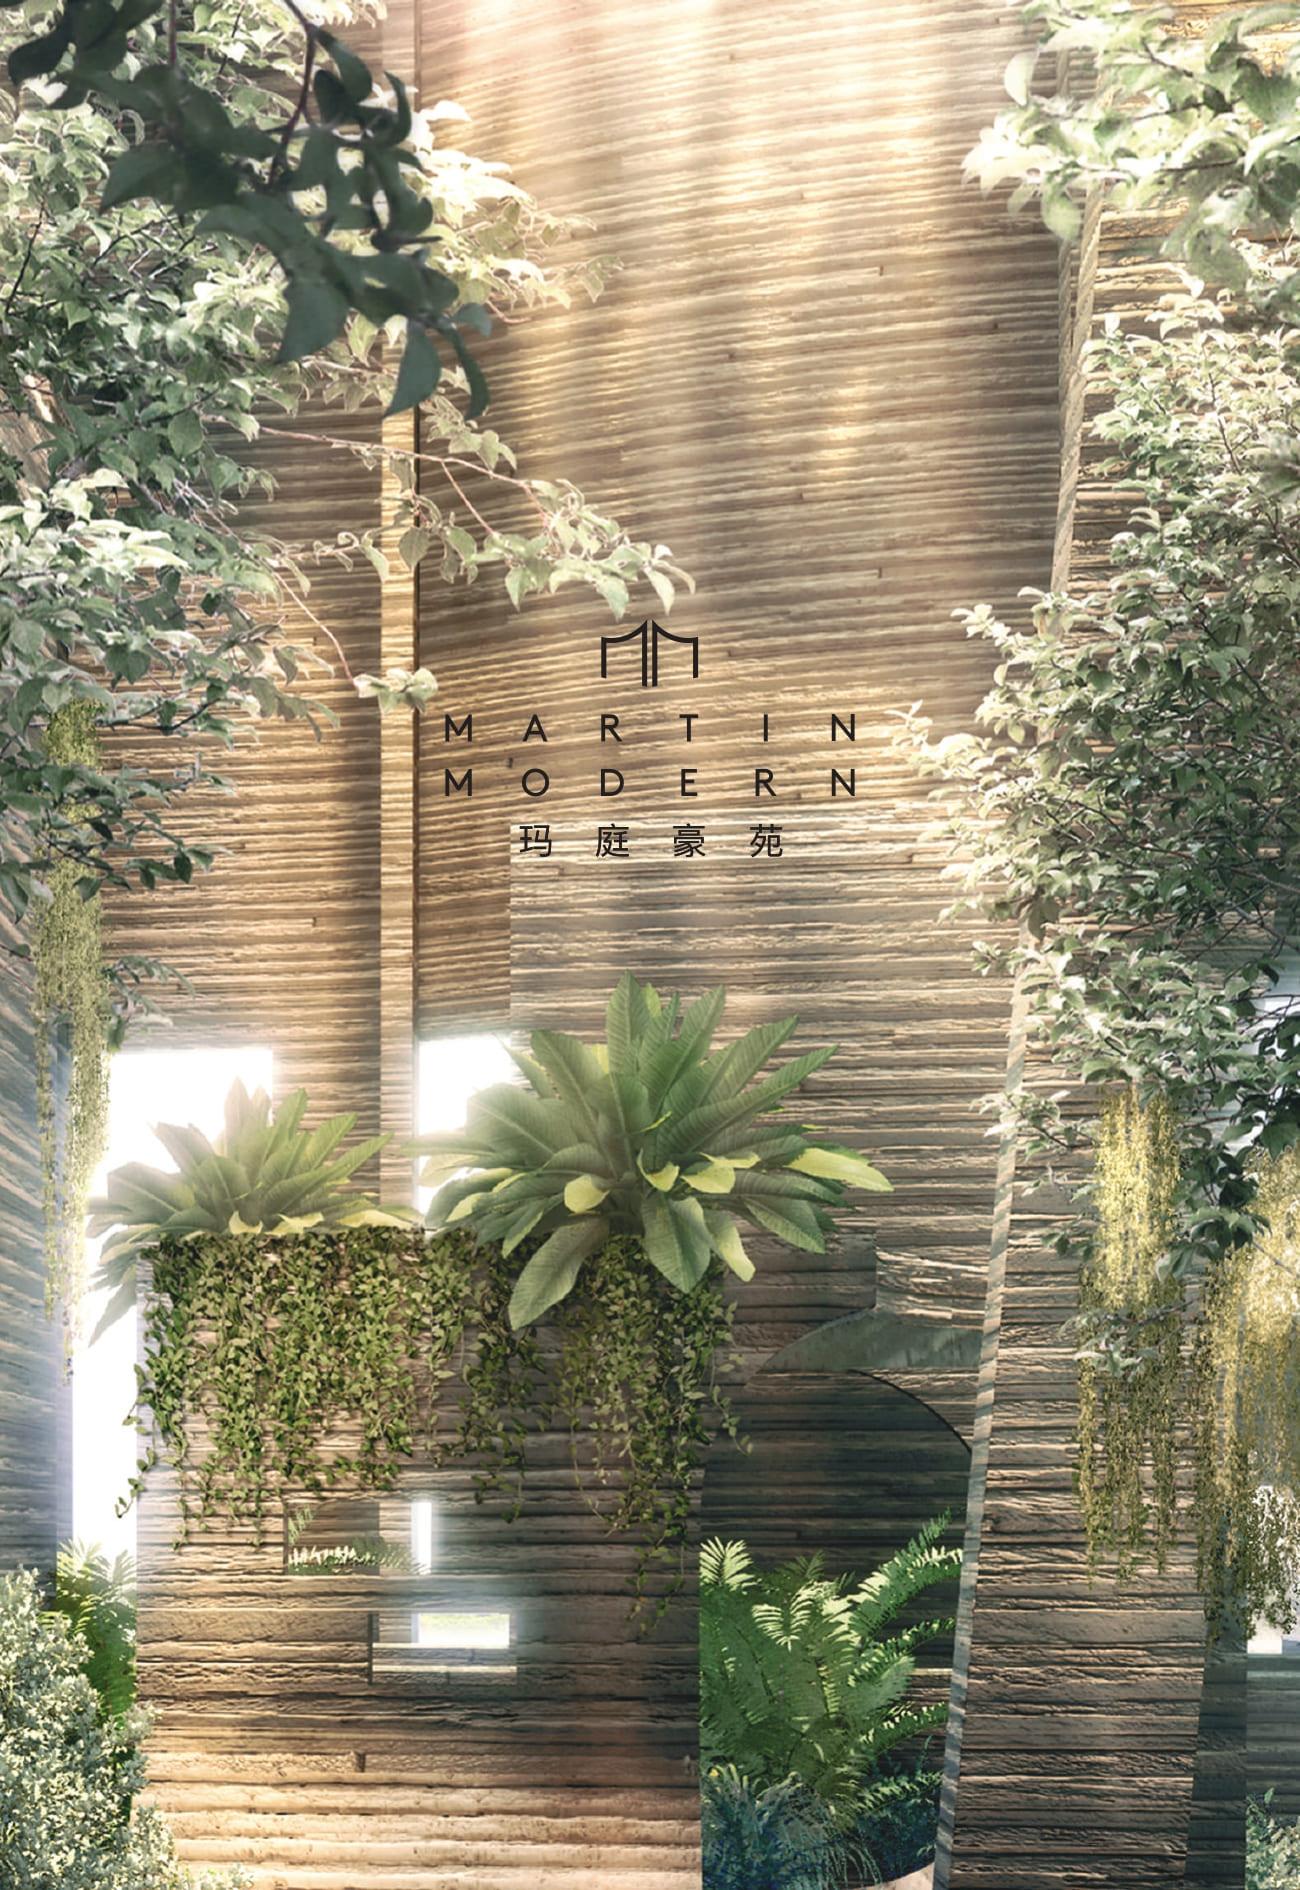 Martin Modern.jpg